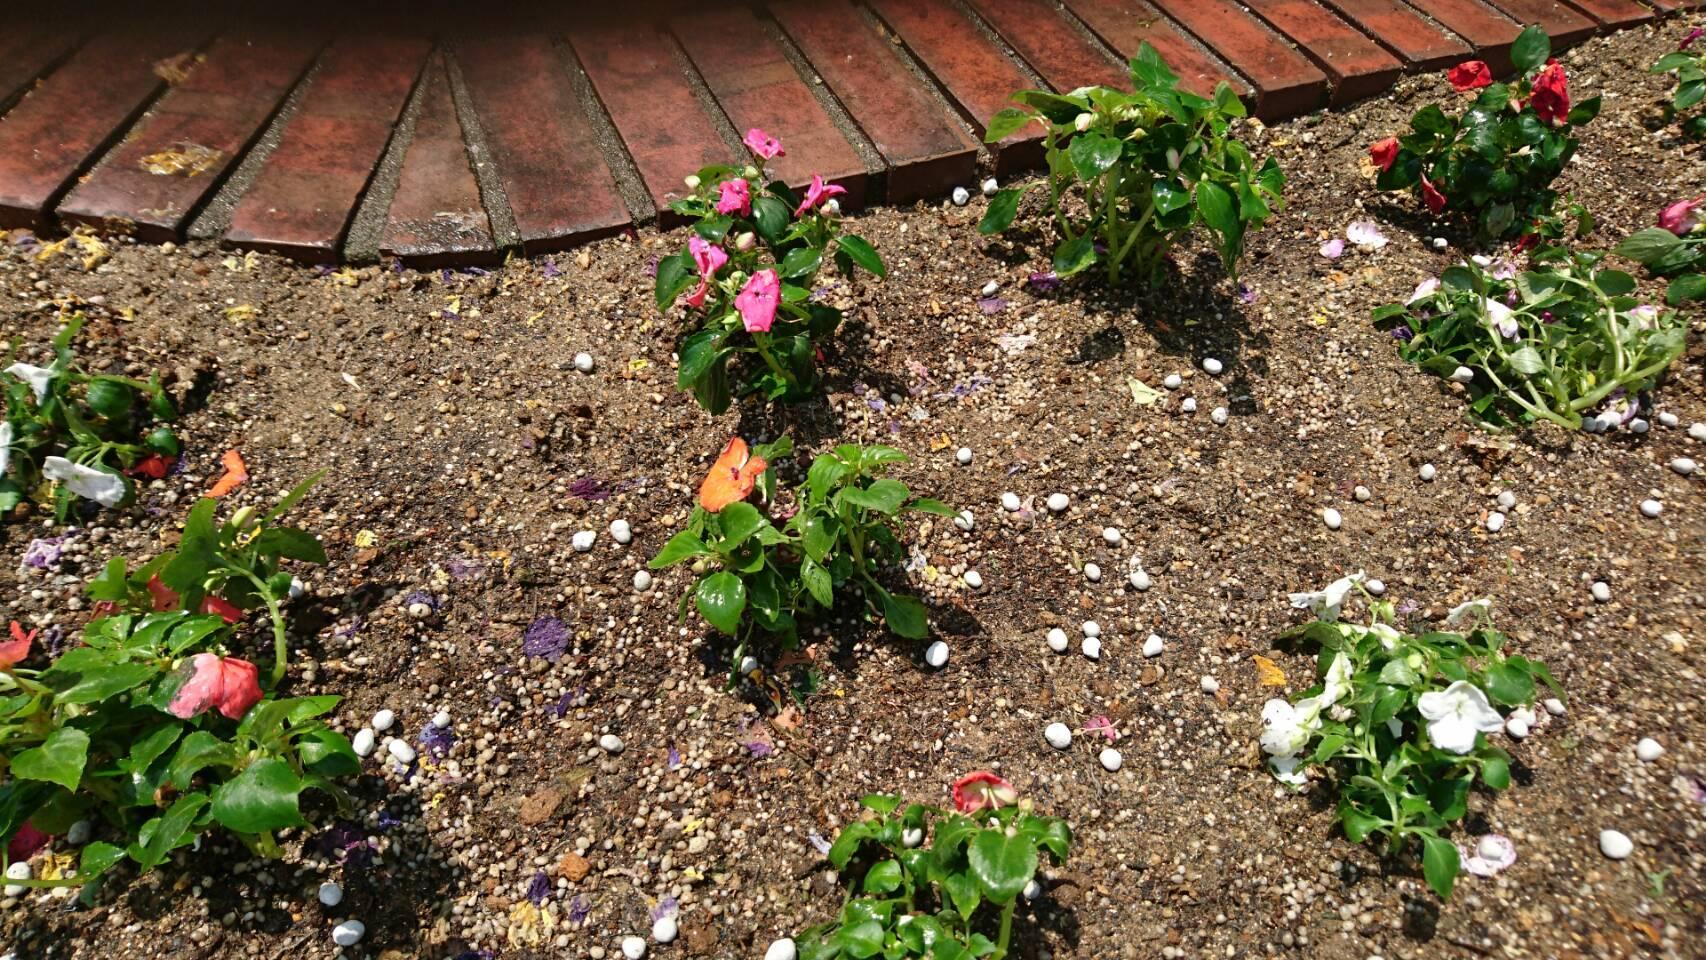 ガーデンふ頭総合案内所前花壇の植替えH29.5.22_d0338682_10202992.jpg